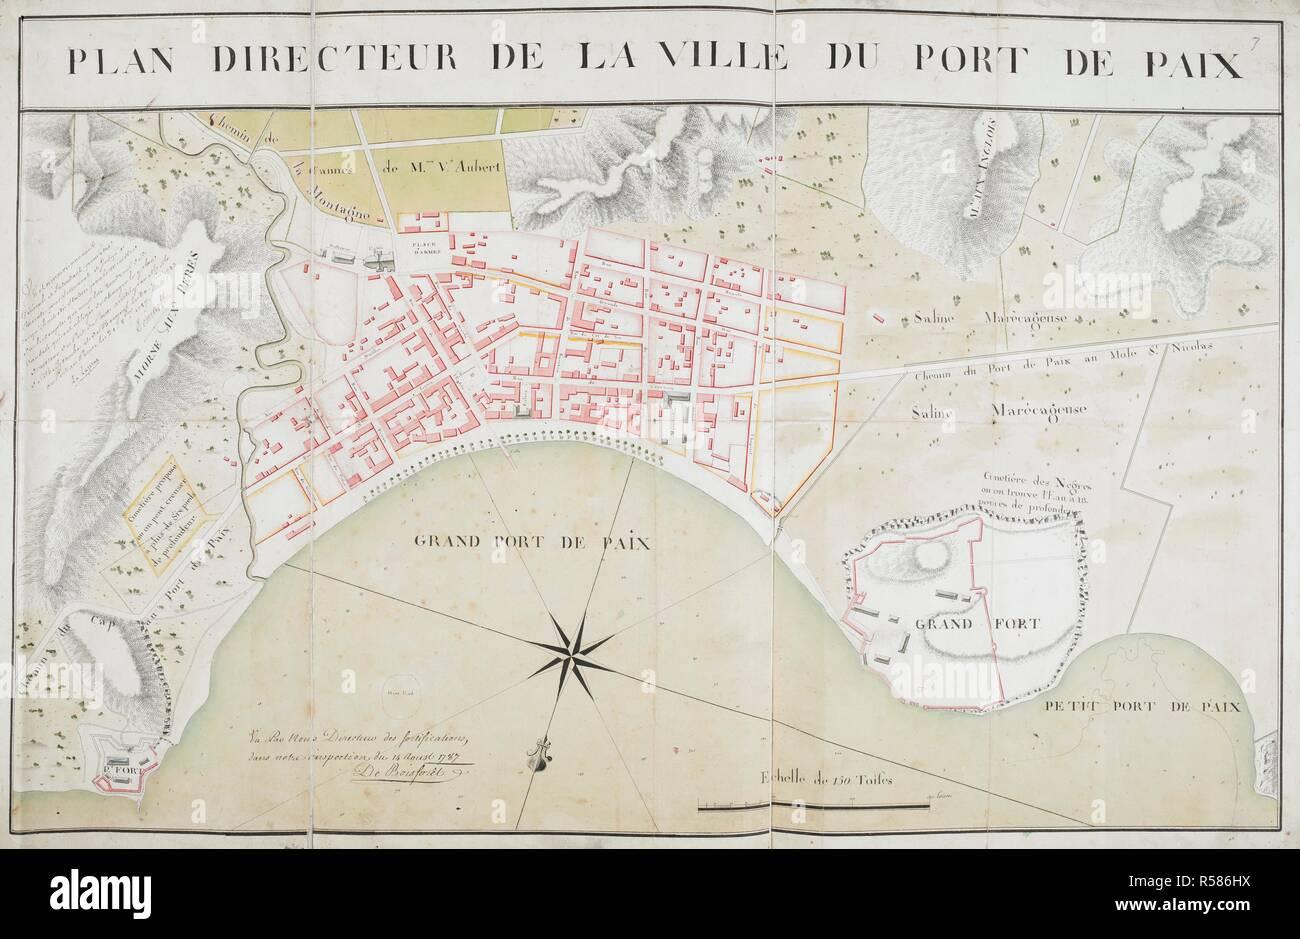 Adult Guide in Port-De-Paix